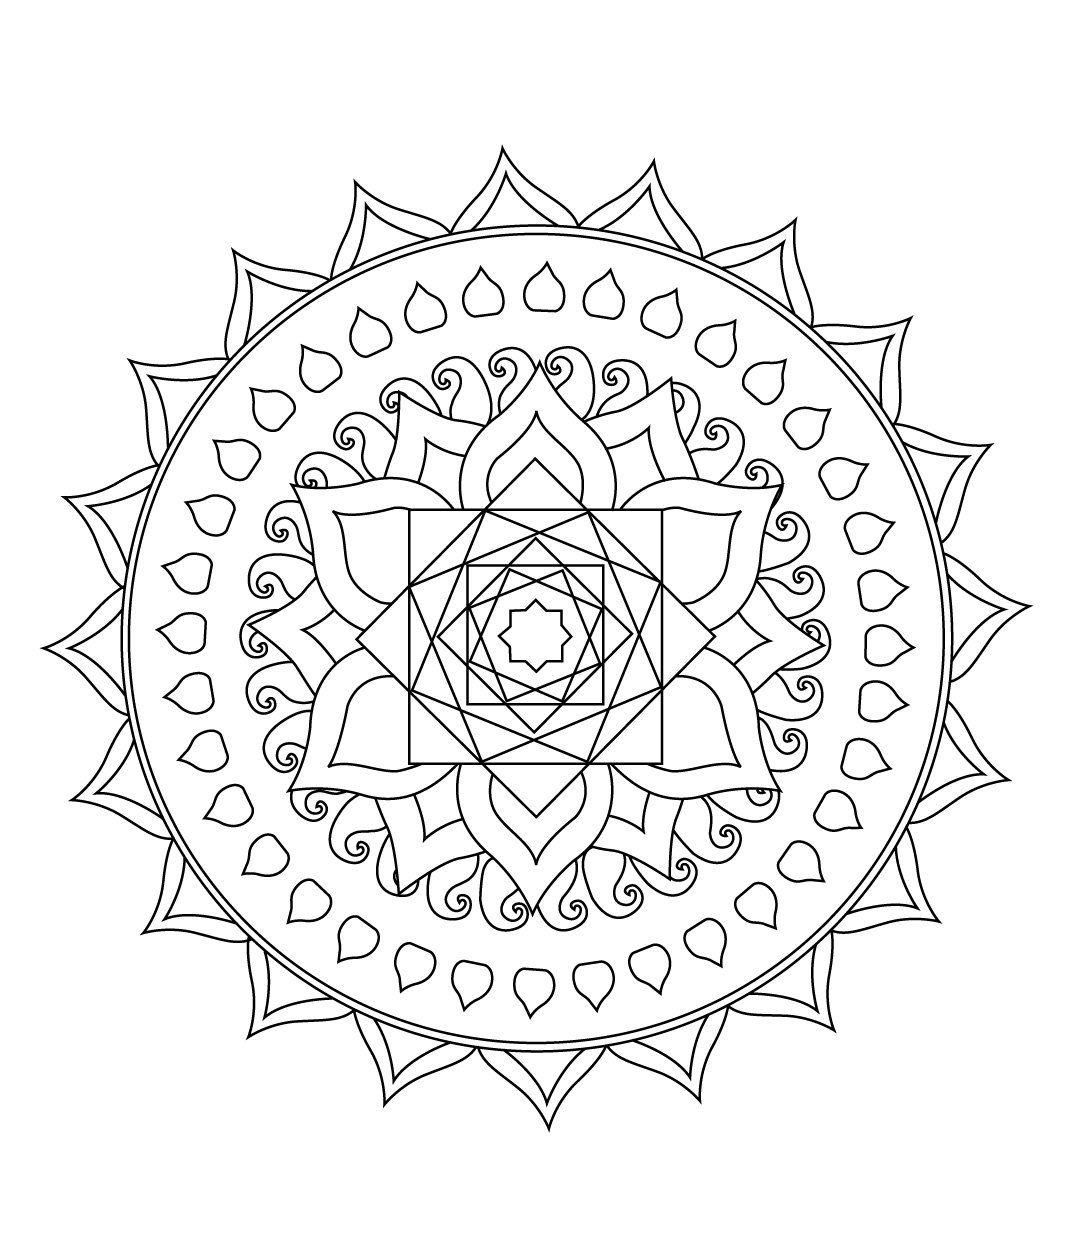 STCI, coloriage pour adultes et enfants mandalas   Coloriage mandala, Mandala, Coloriage